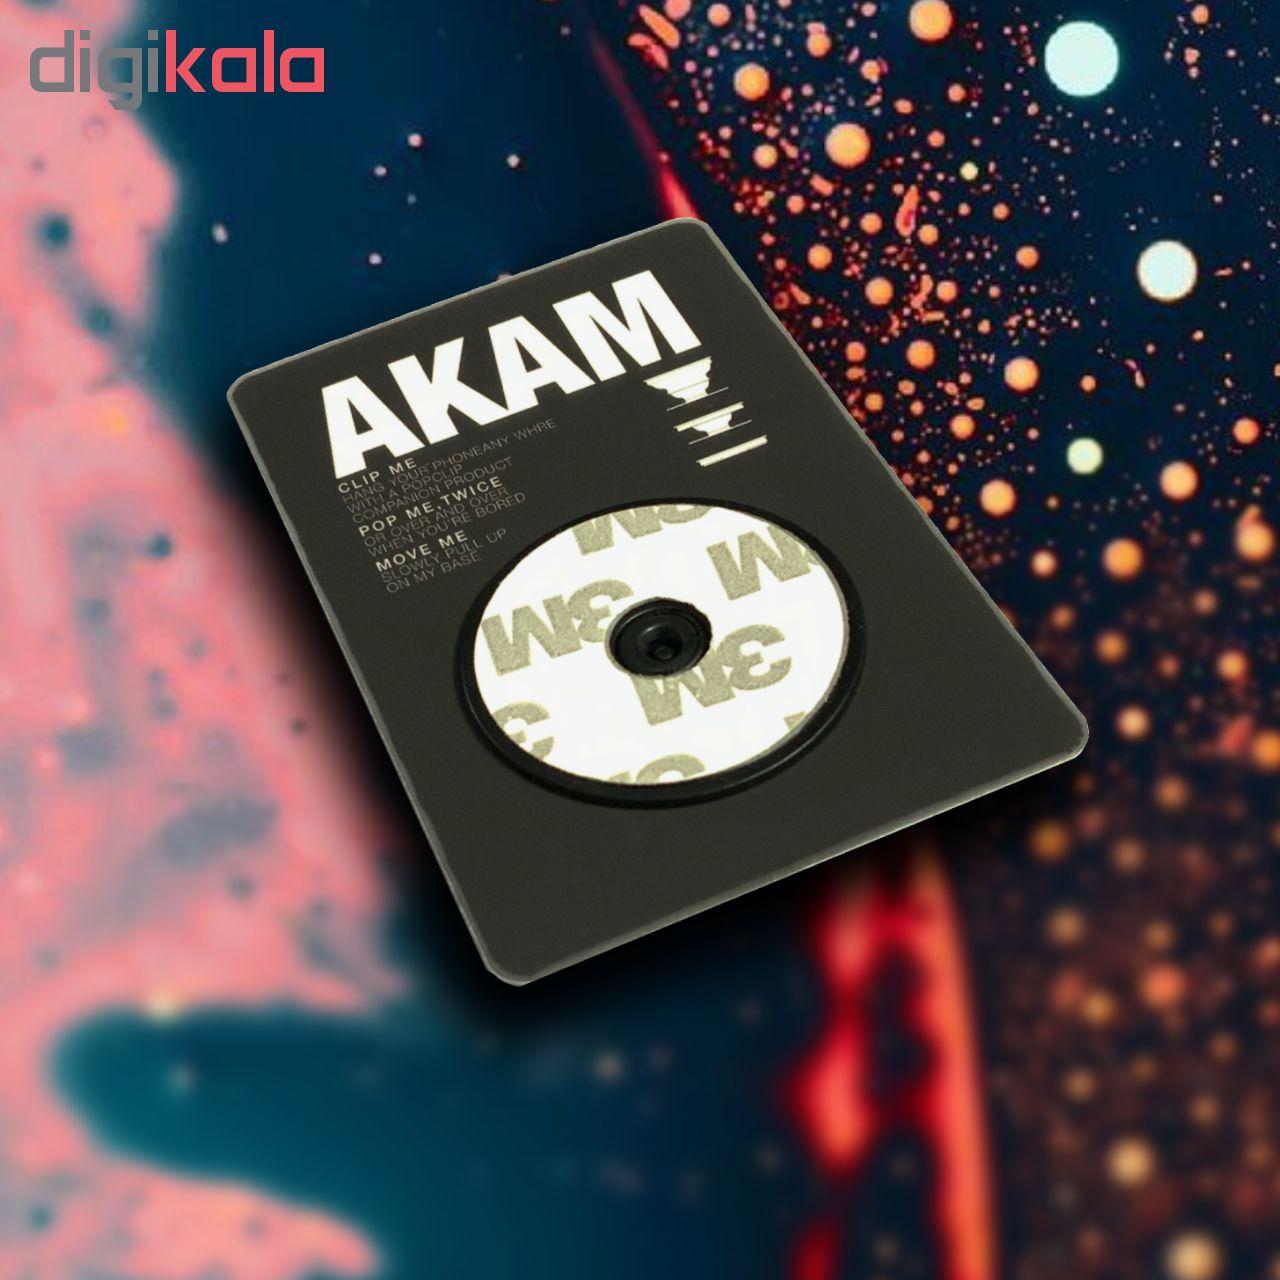 پایه نگهدارنده گوشی موبایل پاپ سوکت آکام مدل APS0480